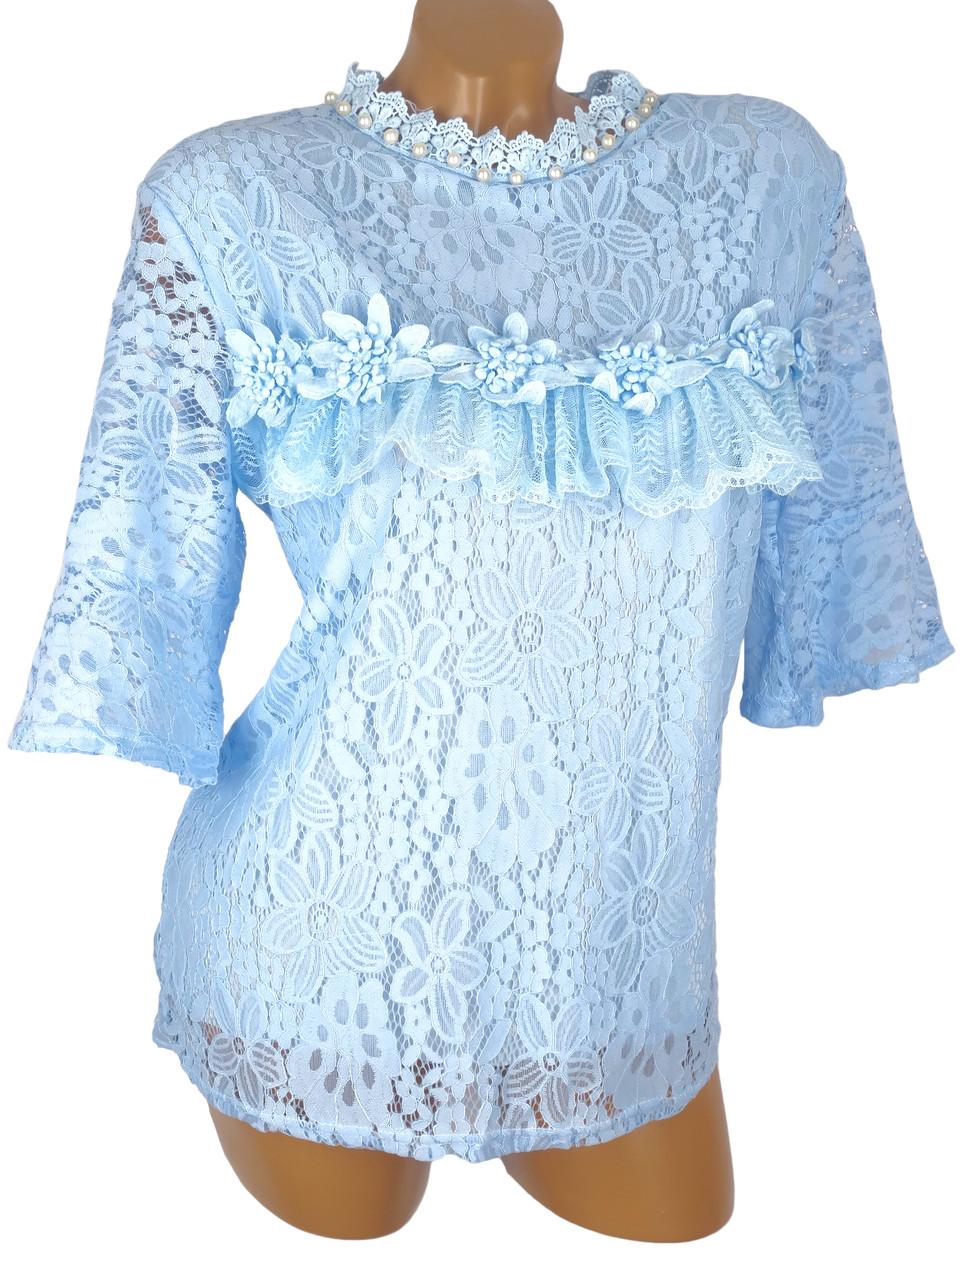 Кружевная женская блуза (в расцветках)